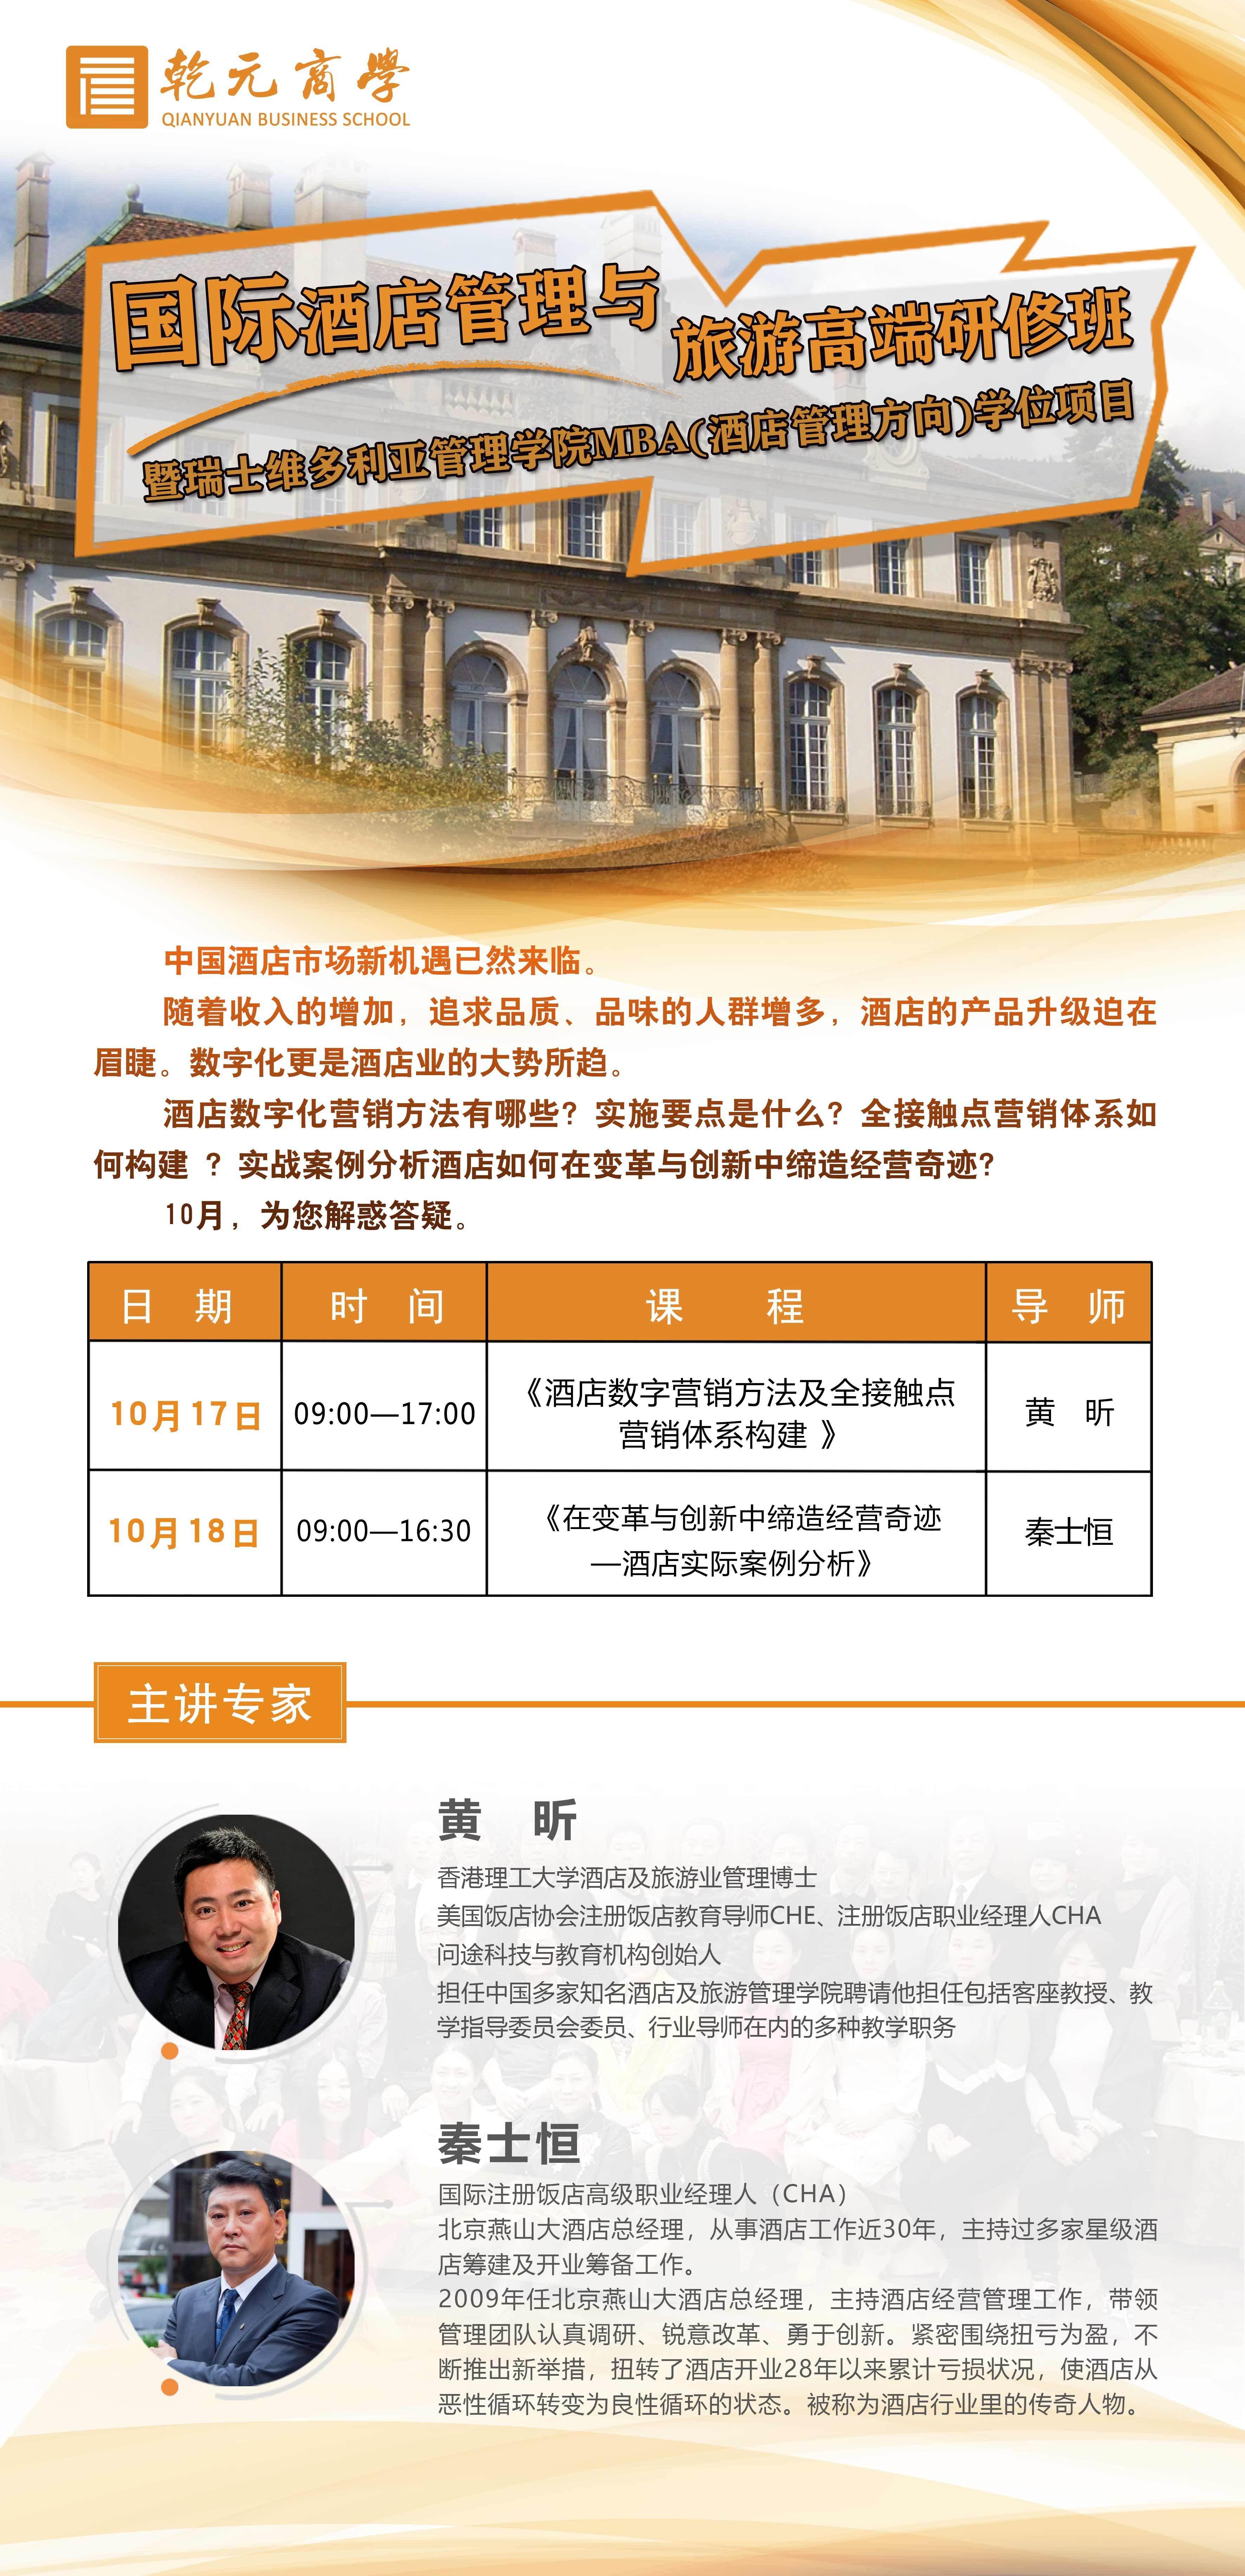 酒店管理与旅游开发10月